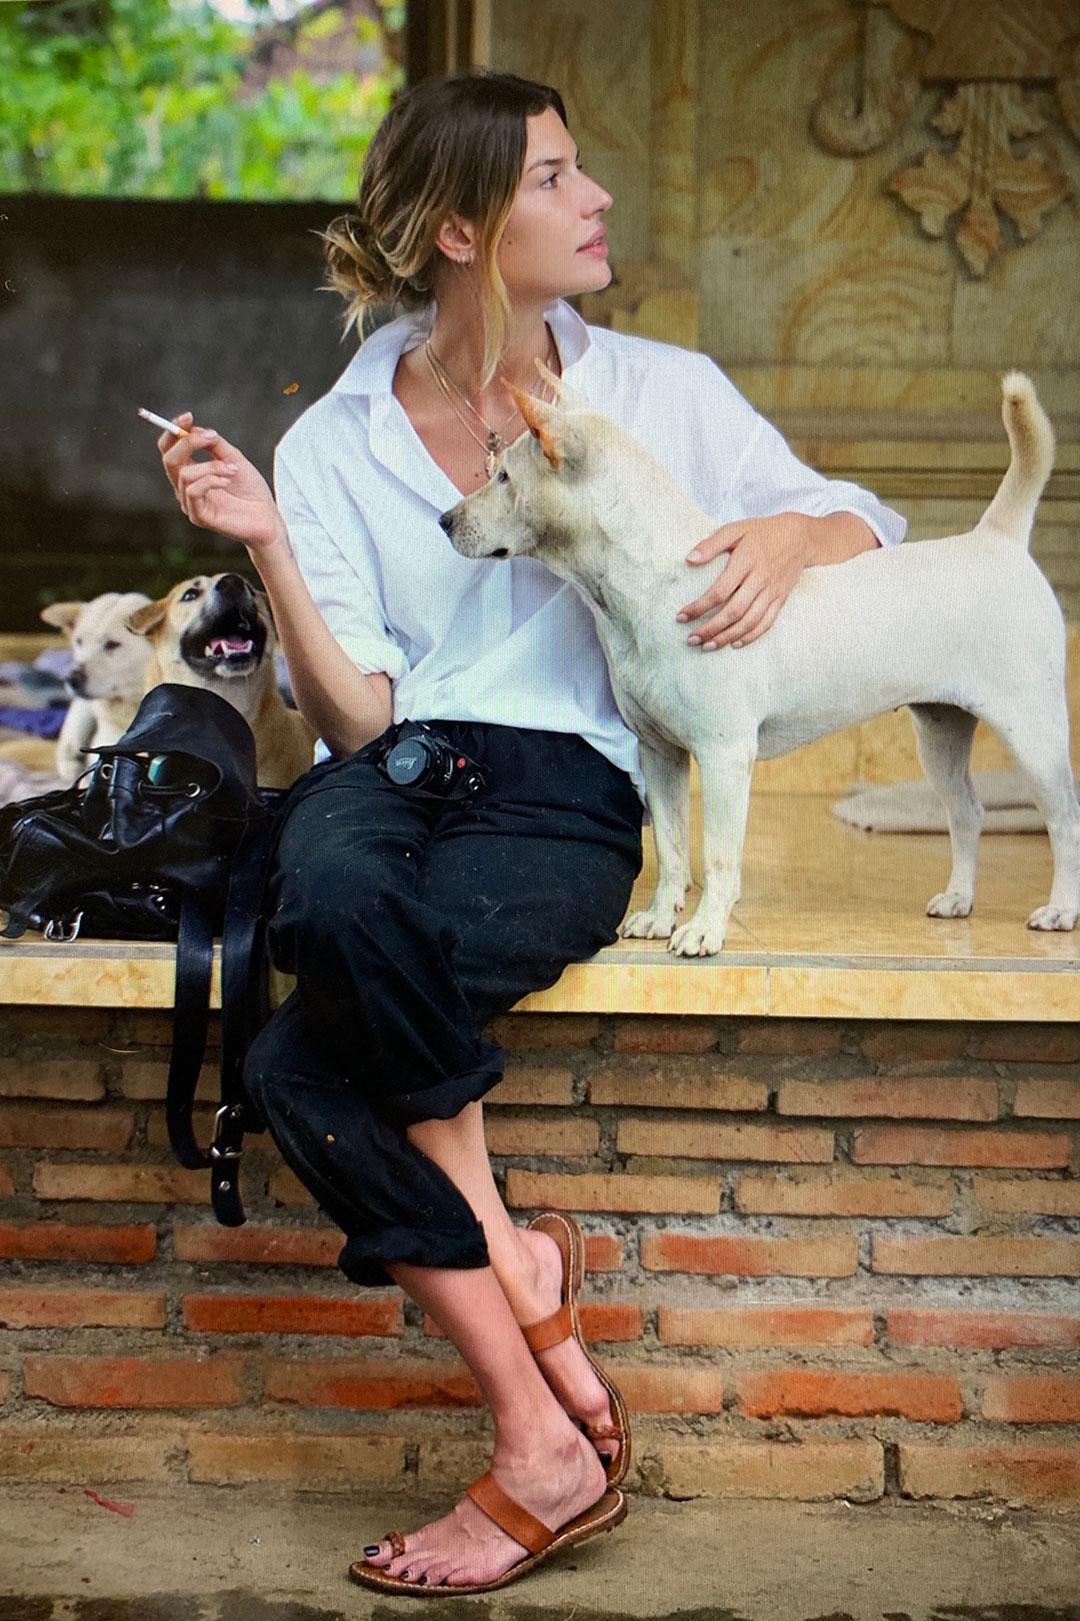 El rodaje comenzó a mediados del mes pasado en Bali, un lugar que Chloé supo recorrer en varias oportunidades a lo largo de su vida